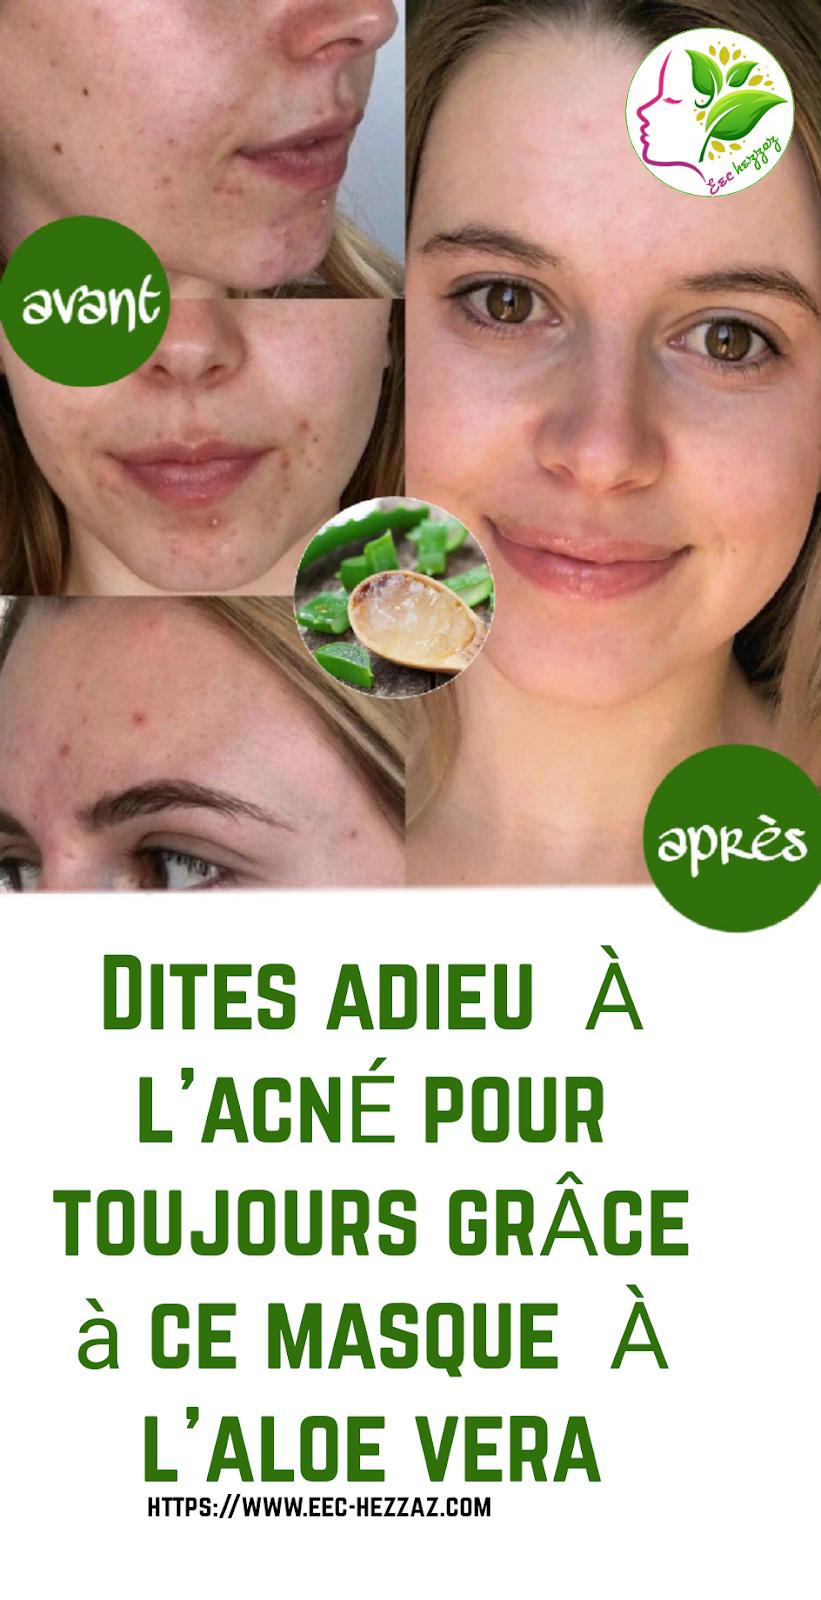 Dites adieu à l'acné pour toujours grâce à ce masque à l'aloe vera